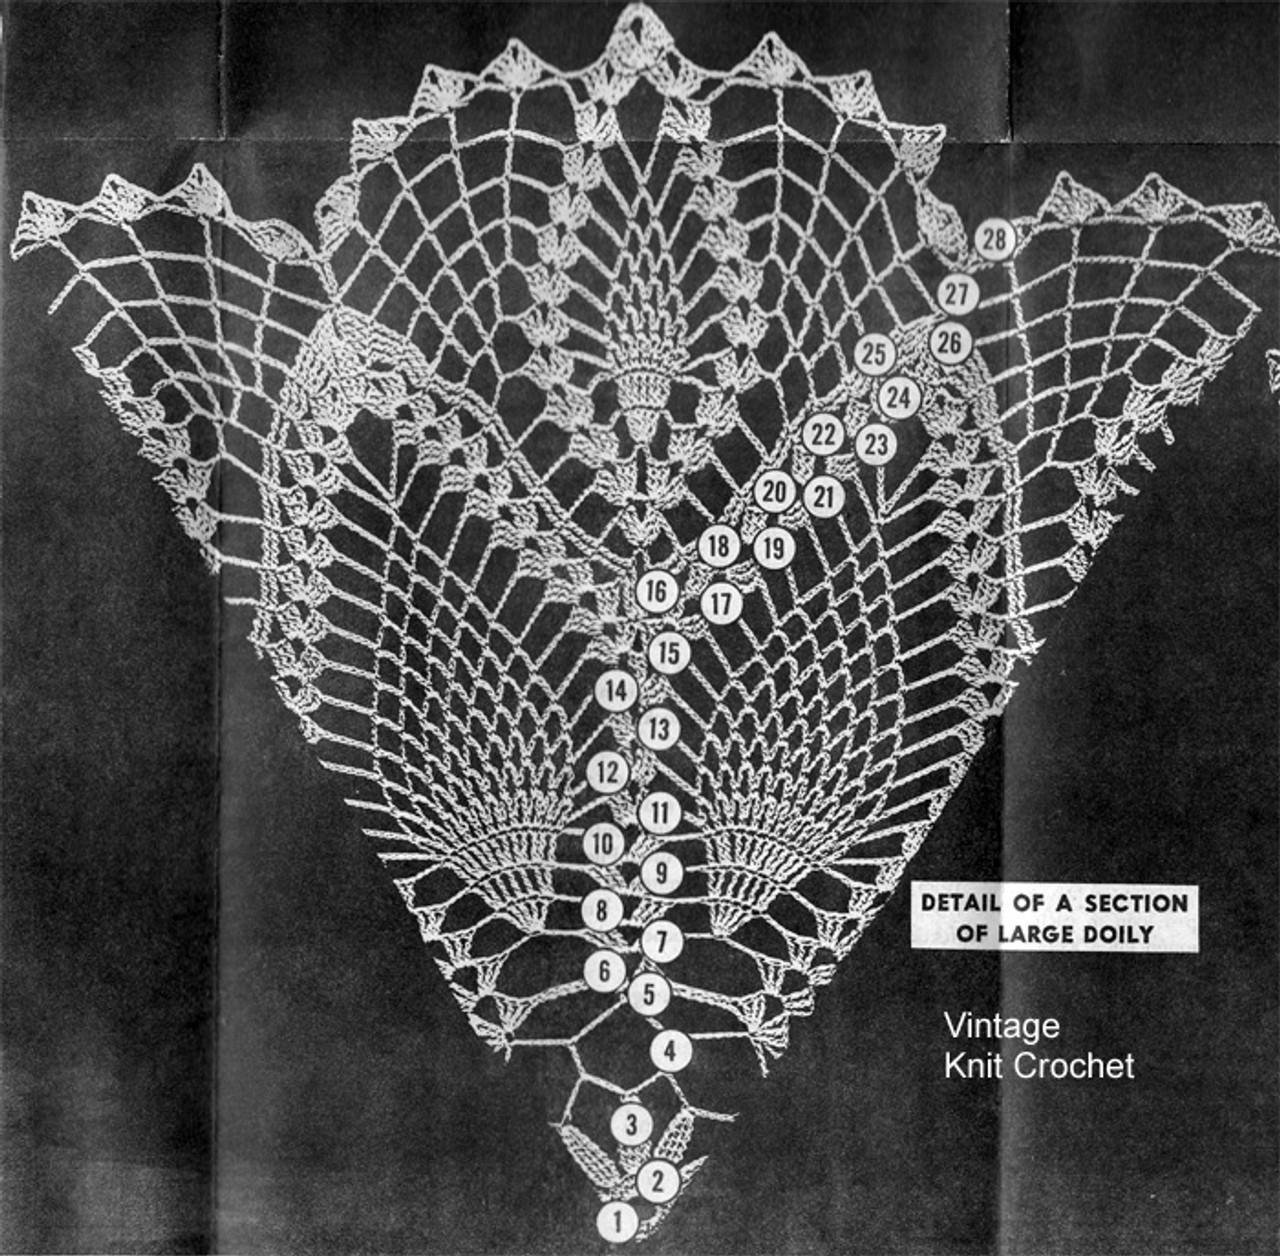 Large Doily Pattern Stitch Illustration